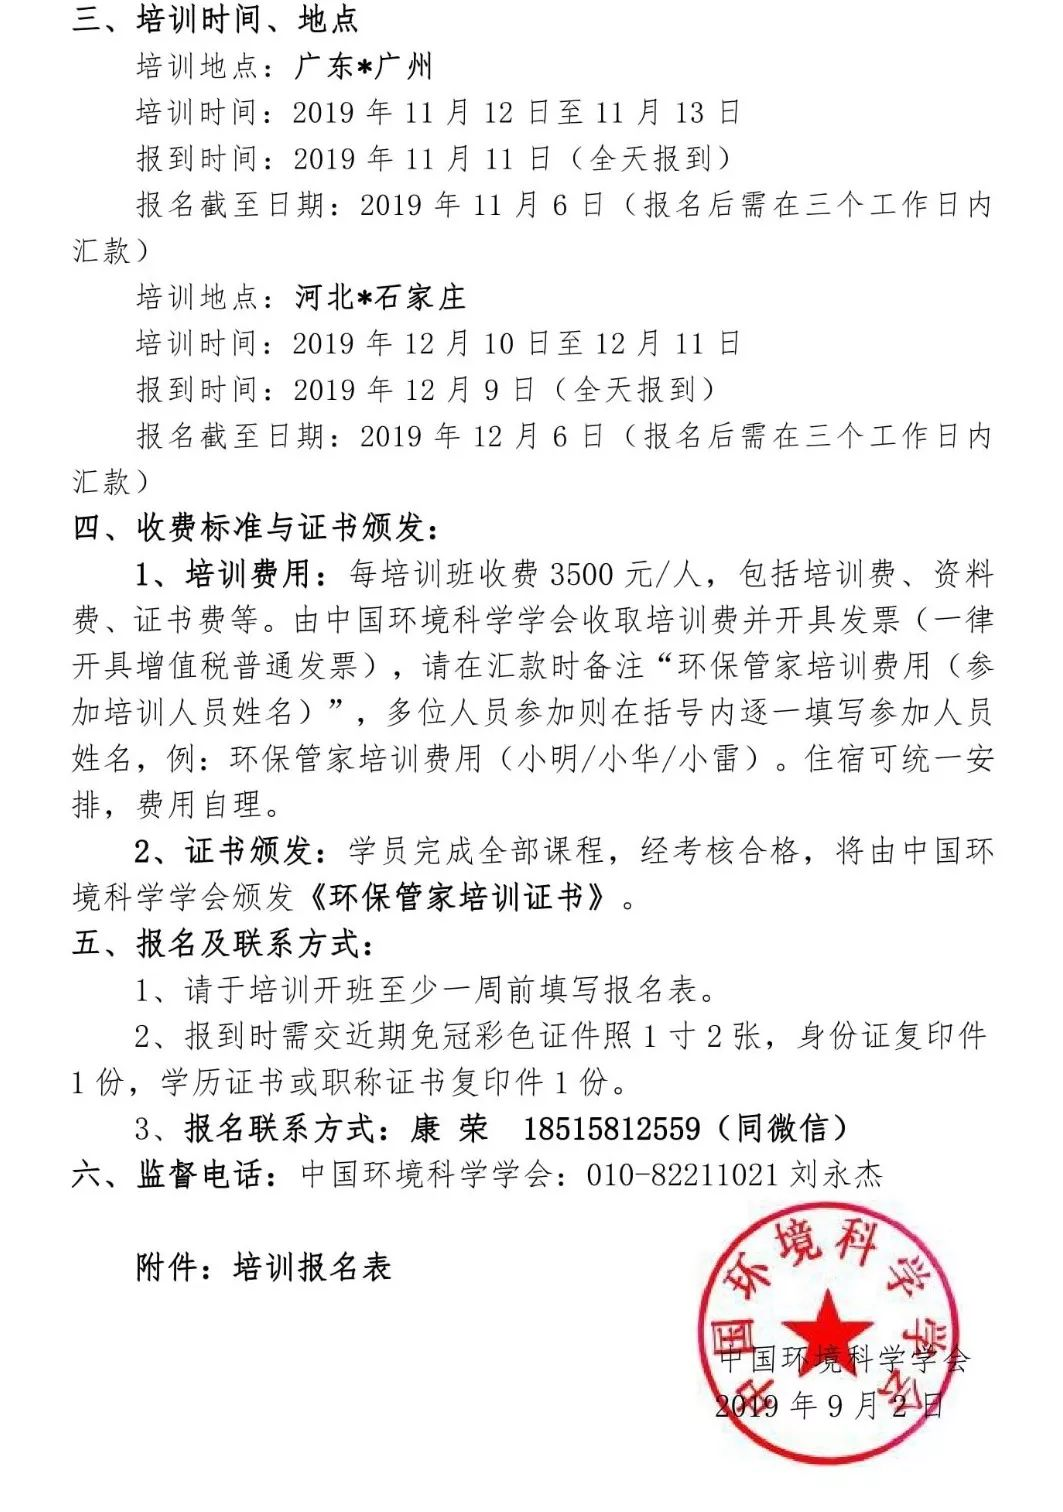 环保工程资质证书的分类